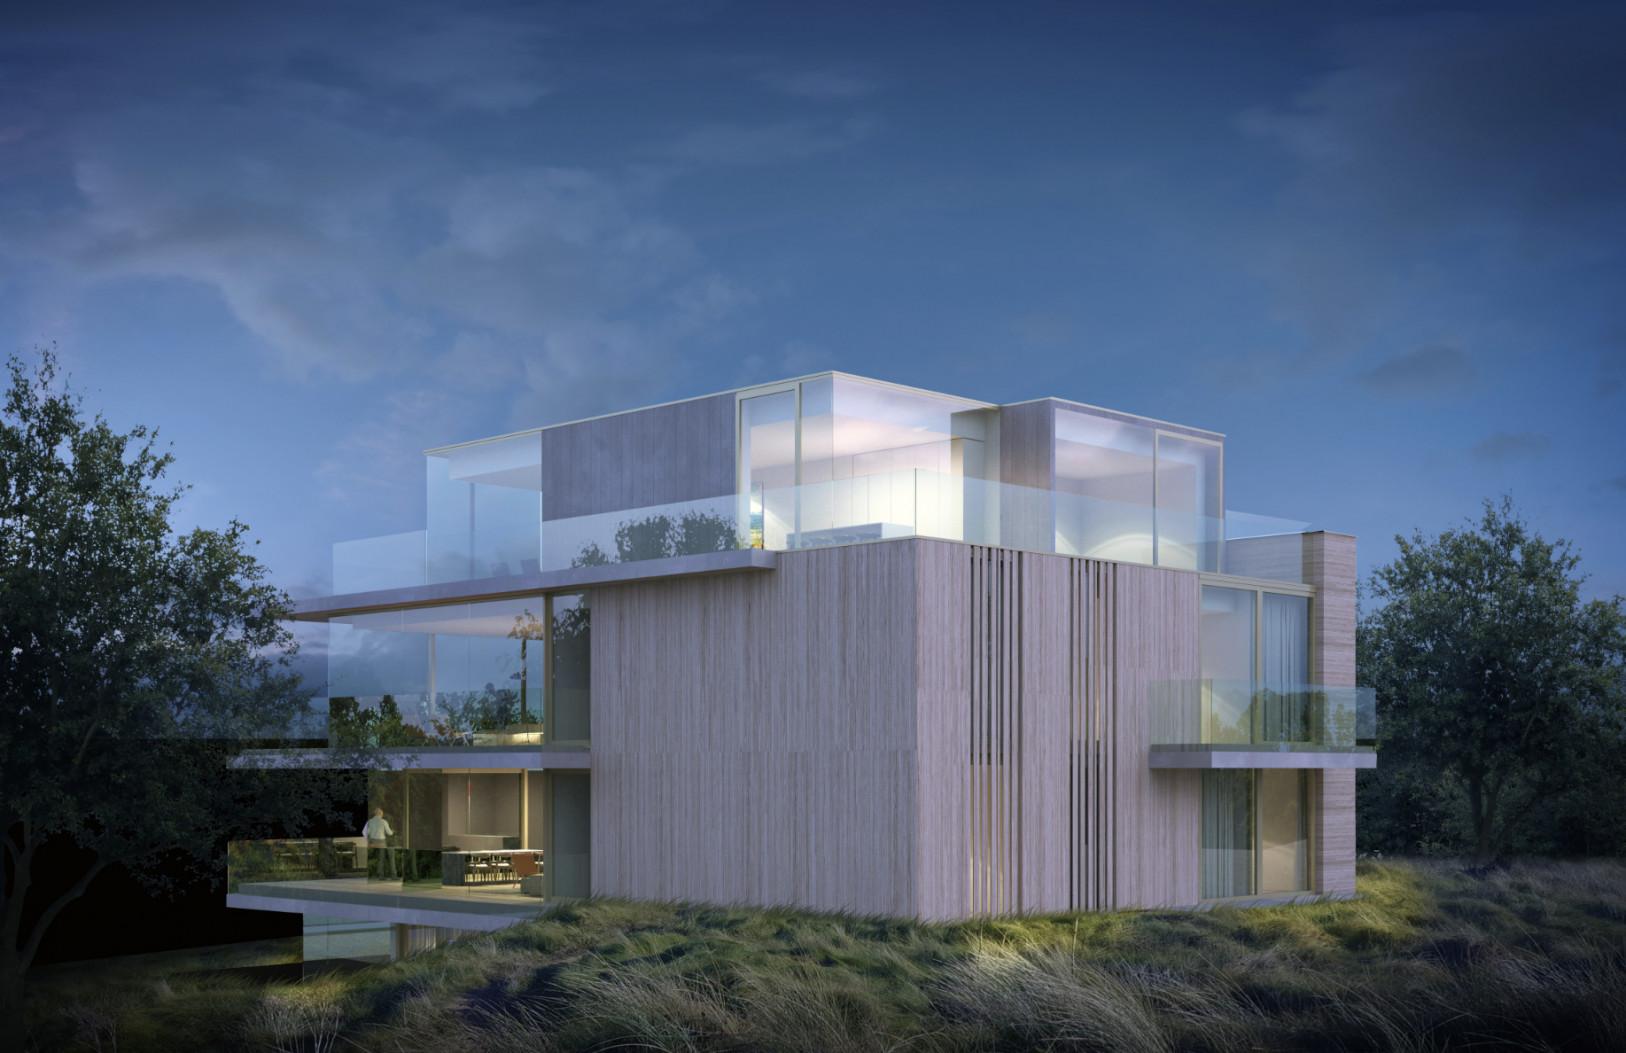 Rietveldproject - Hannes Meyer - Oostduinkerke 5.jpg